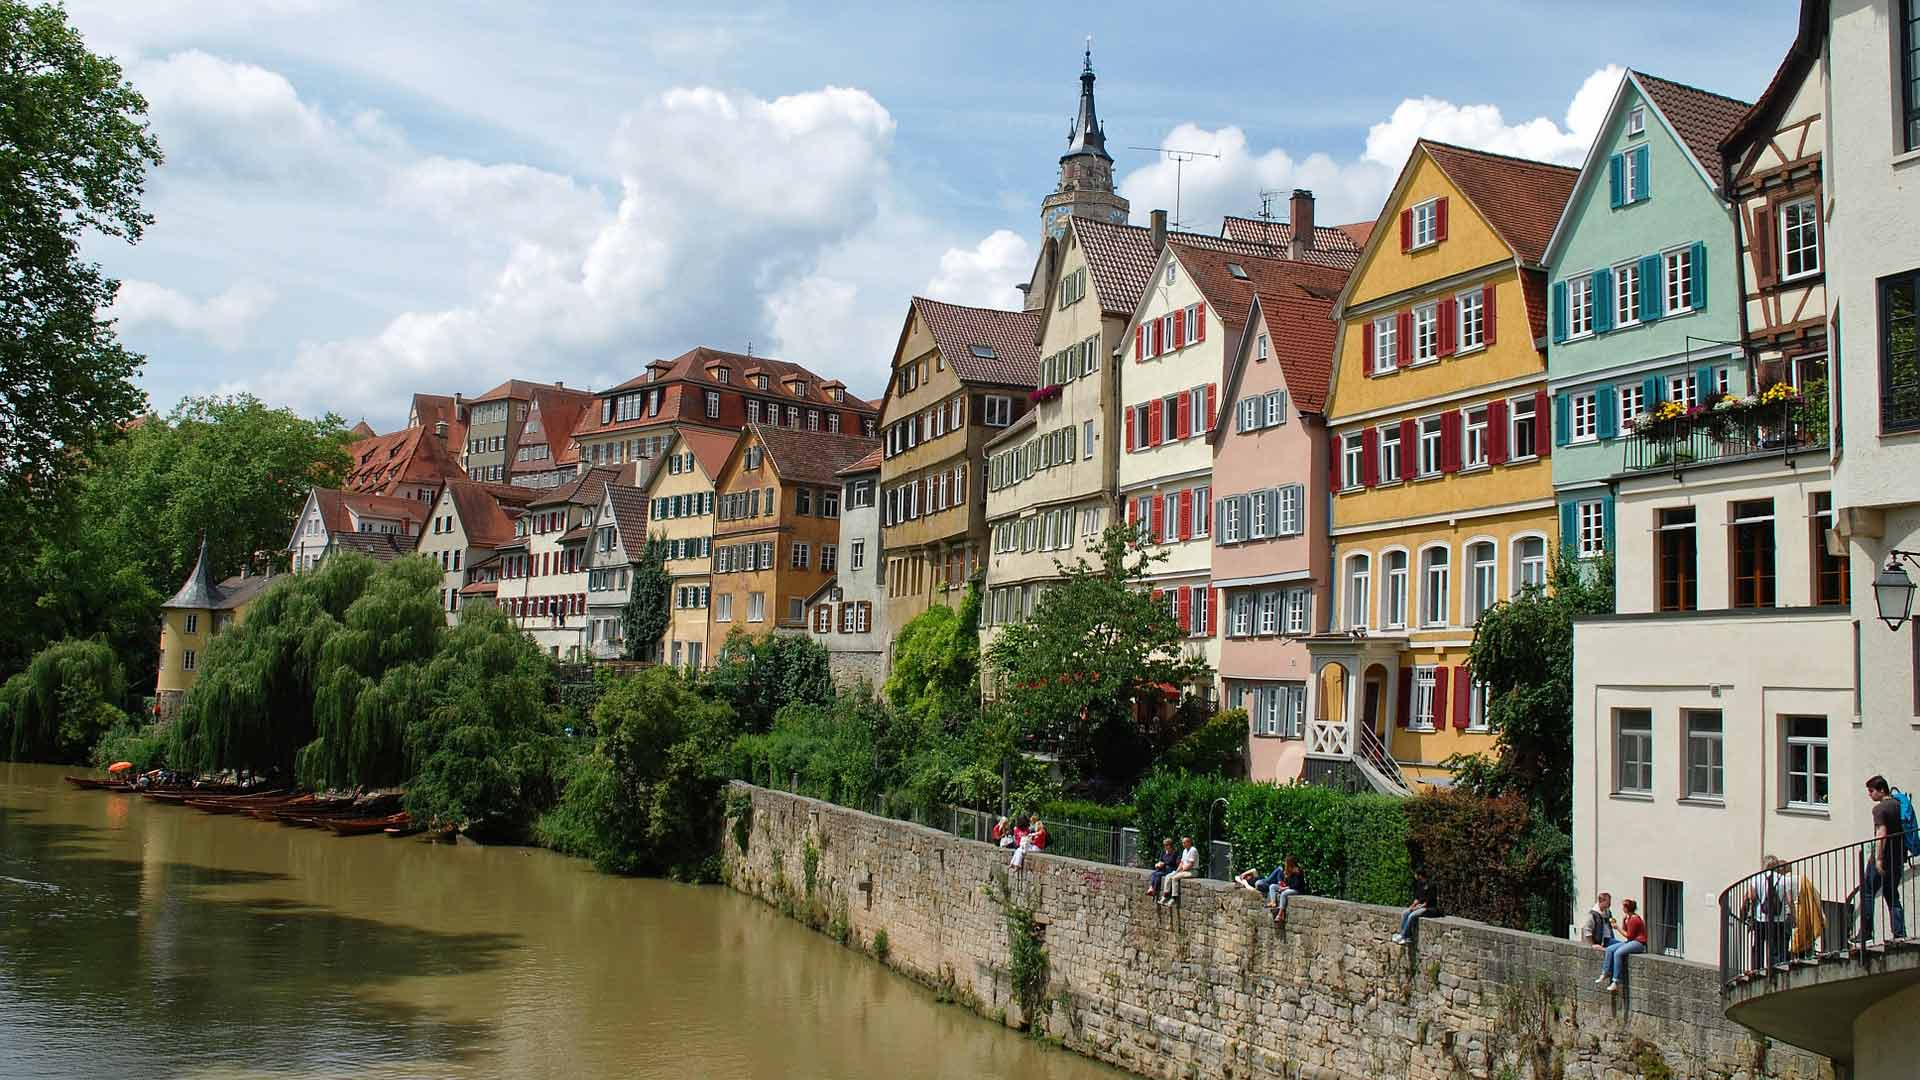 In de gezellige studentenstad Tübingen begint deze fietsvakantie langs de Neckar.